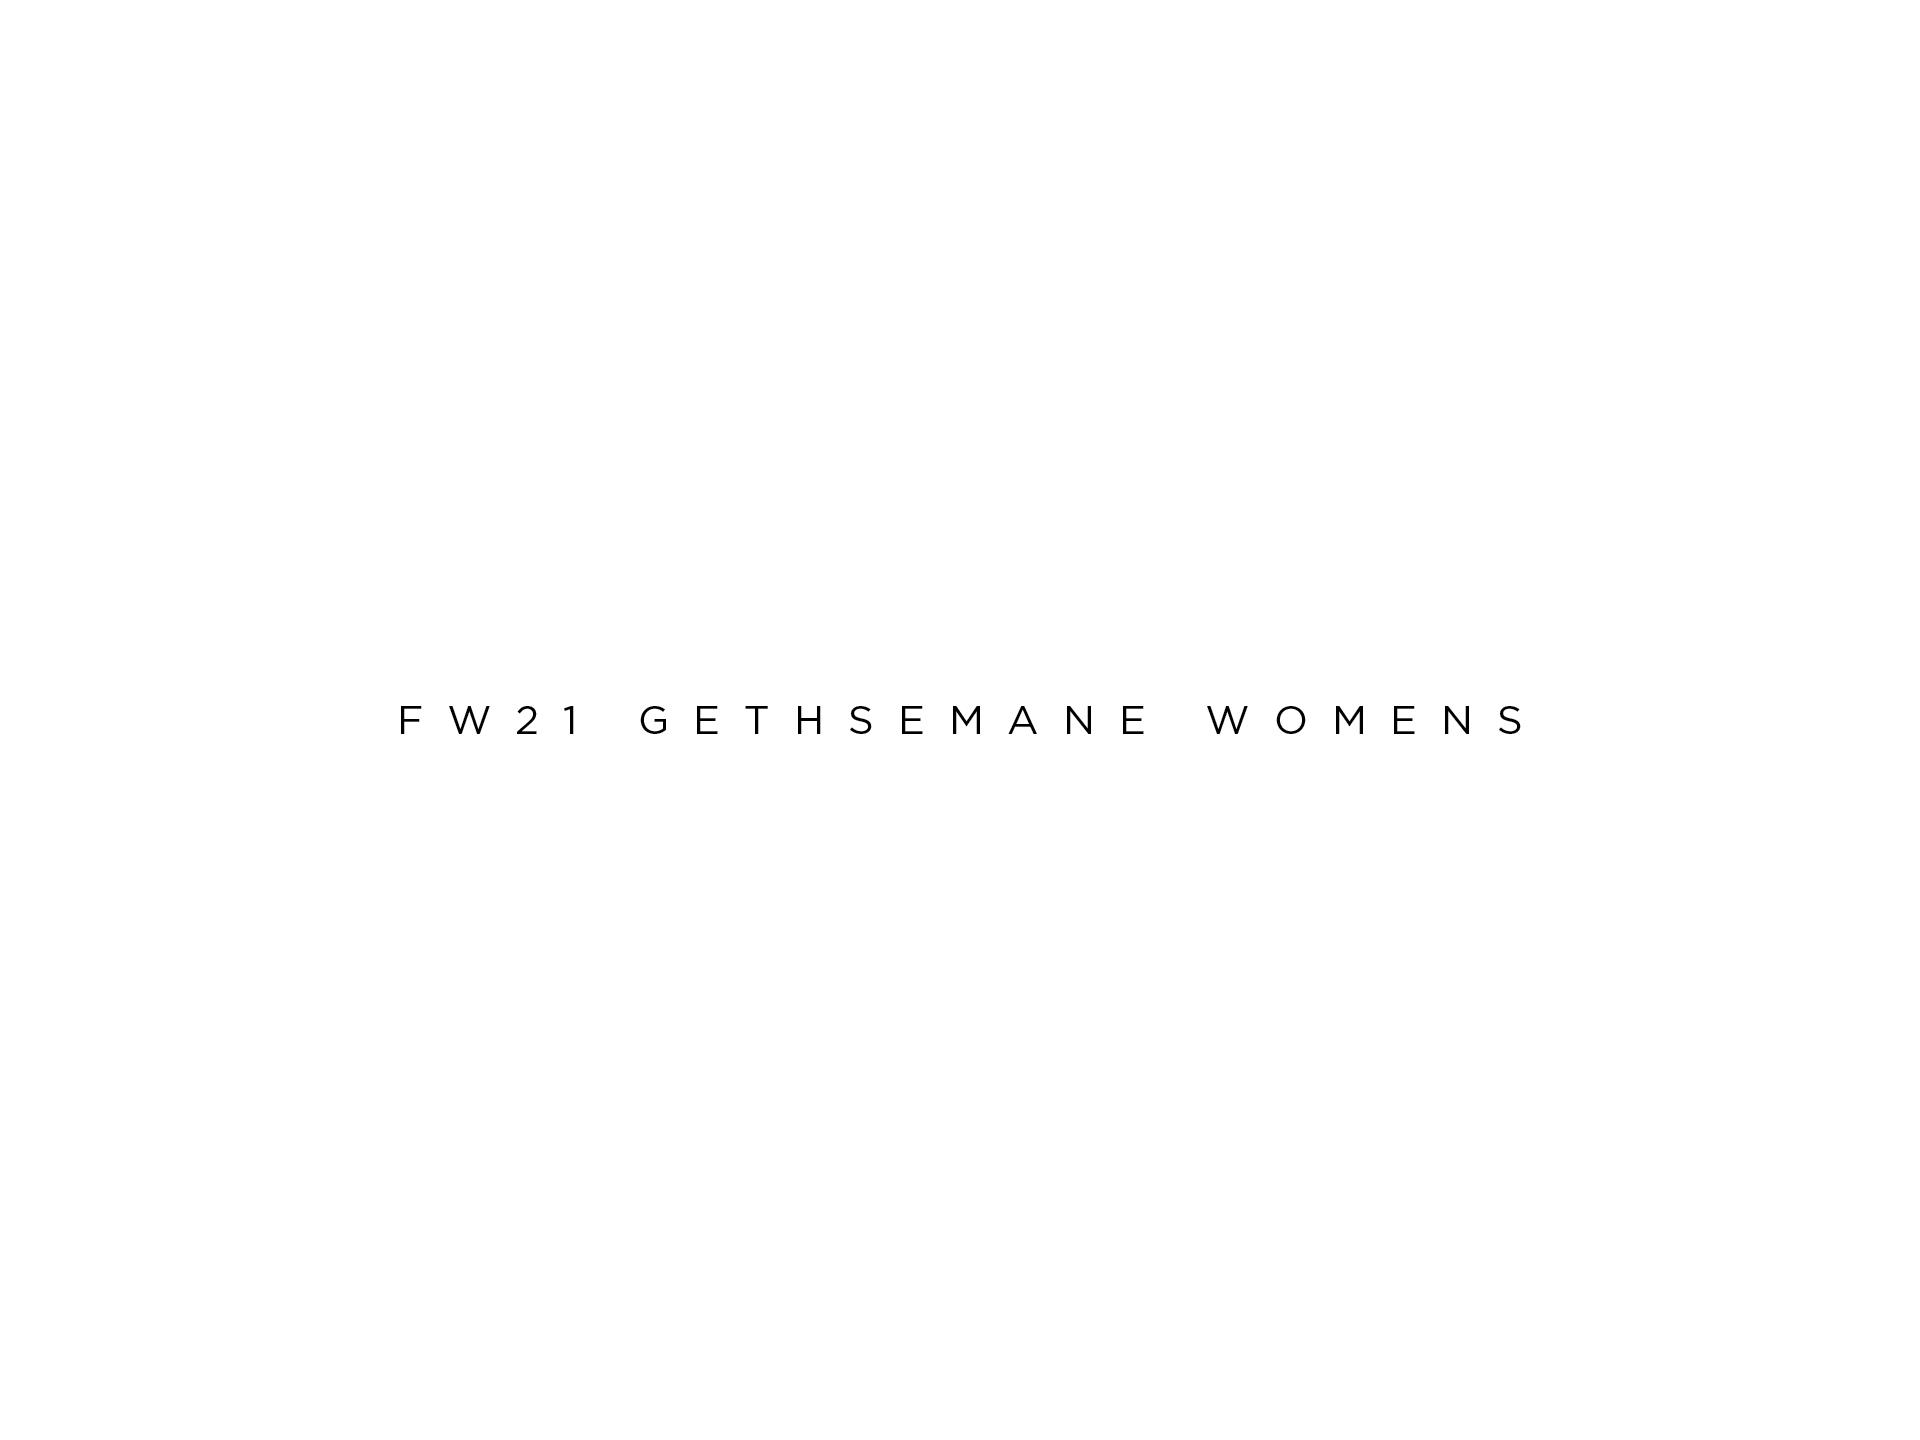 Fw21 gethsemane womens